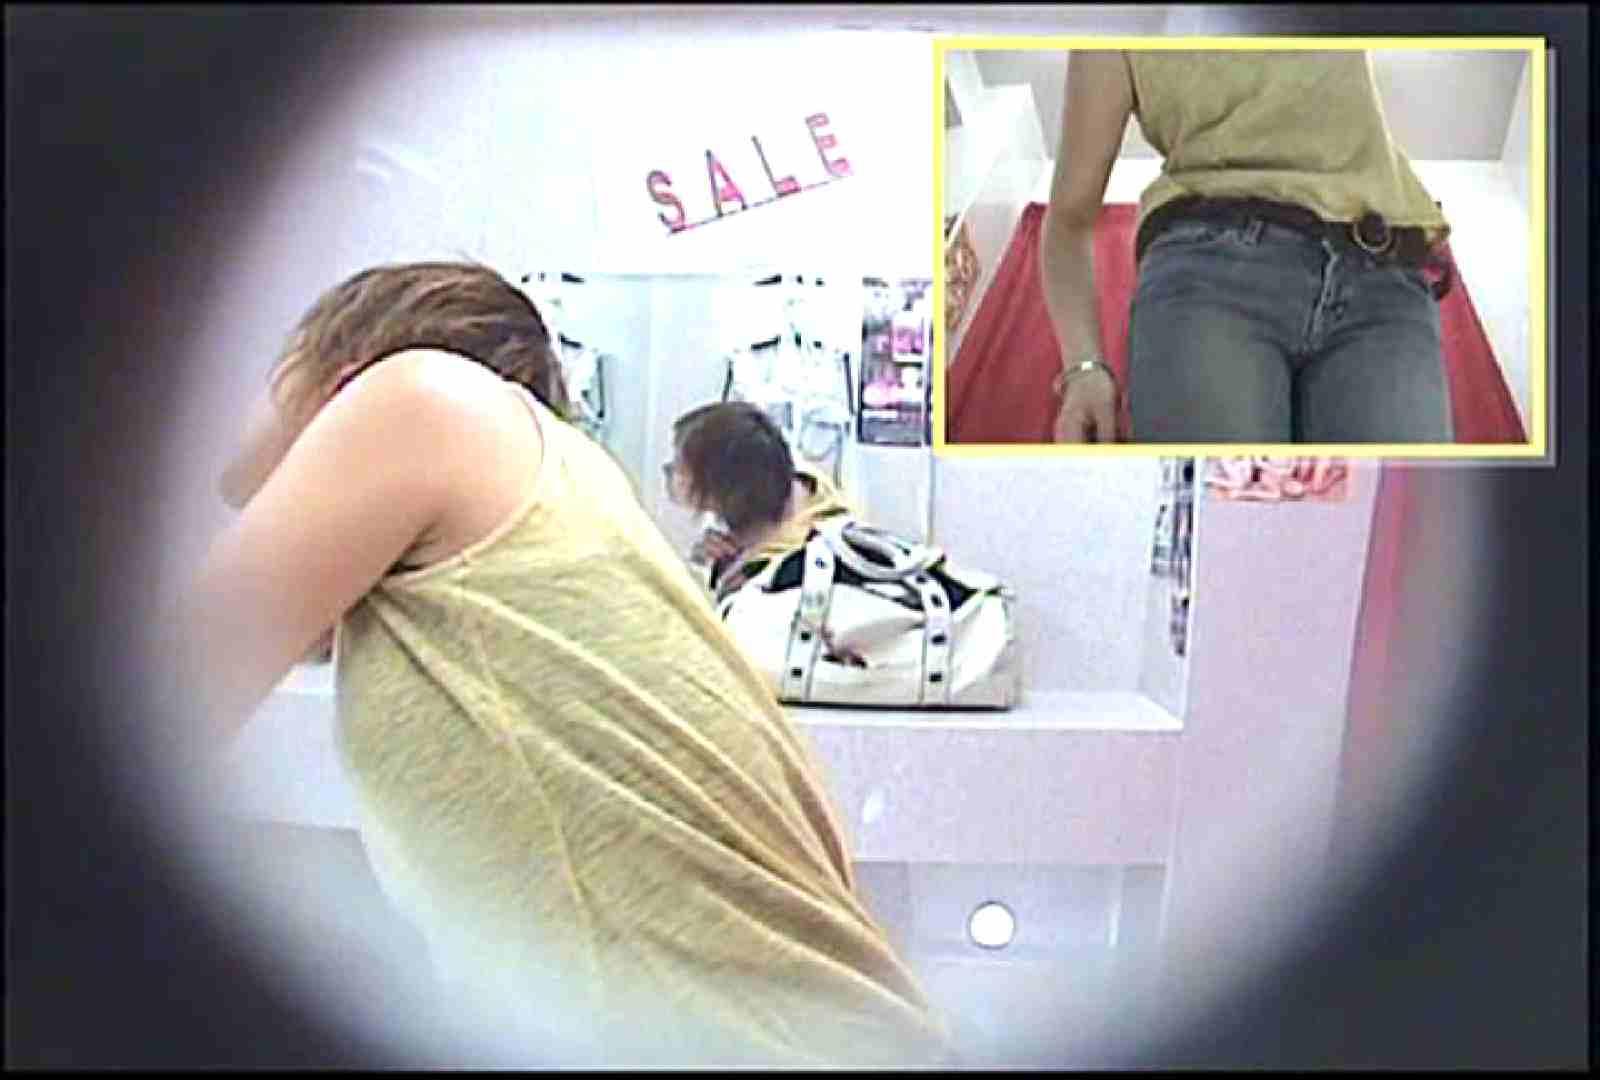 ショップ店長流出!!変態下着を買い漁る女達!Vol.4 ギャルのエロ動画 | 着替え  58画像 31